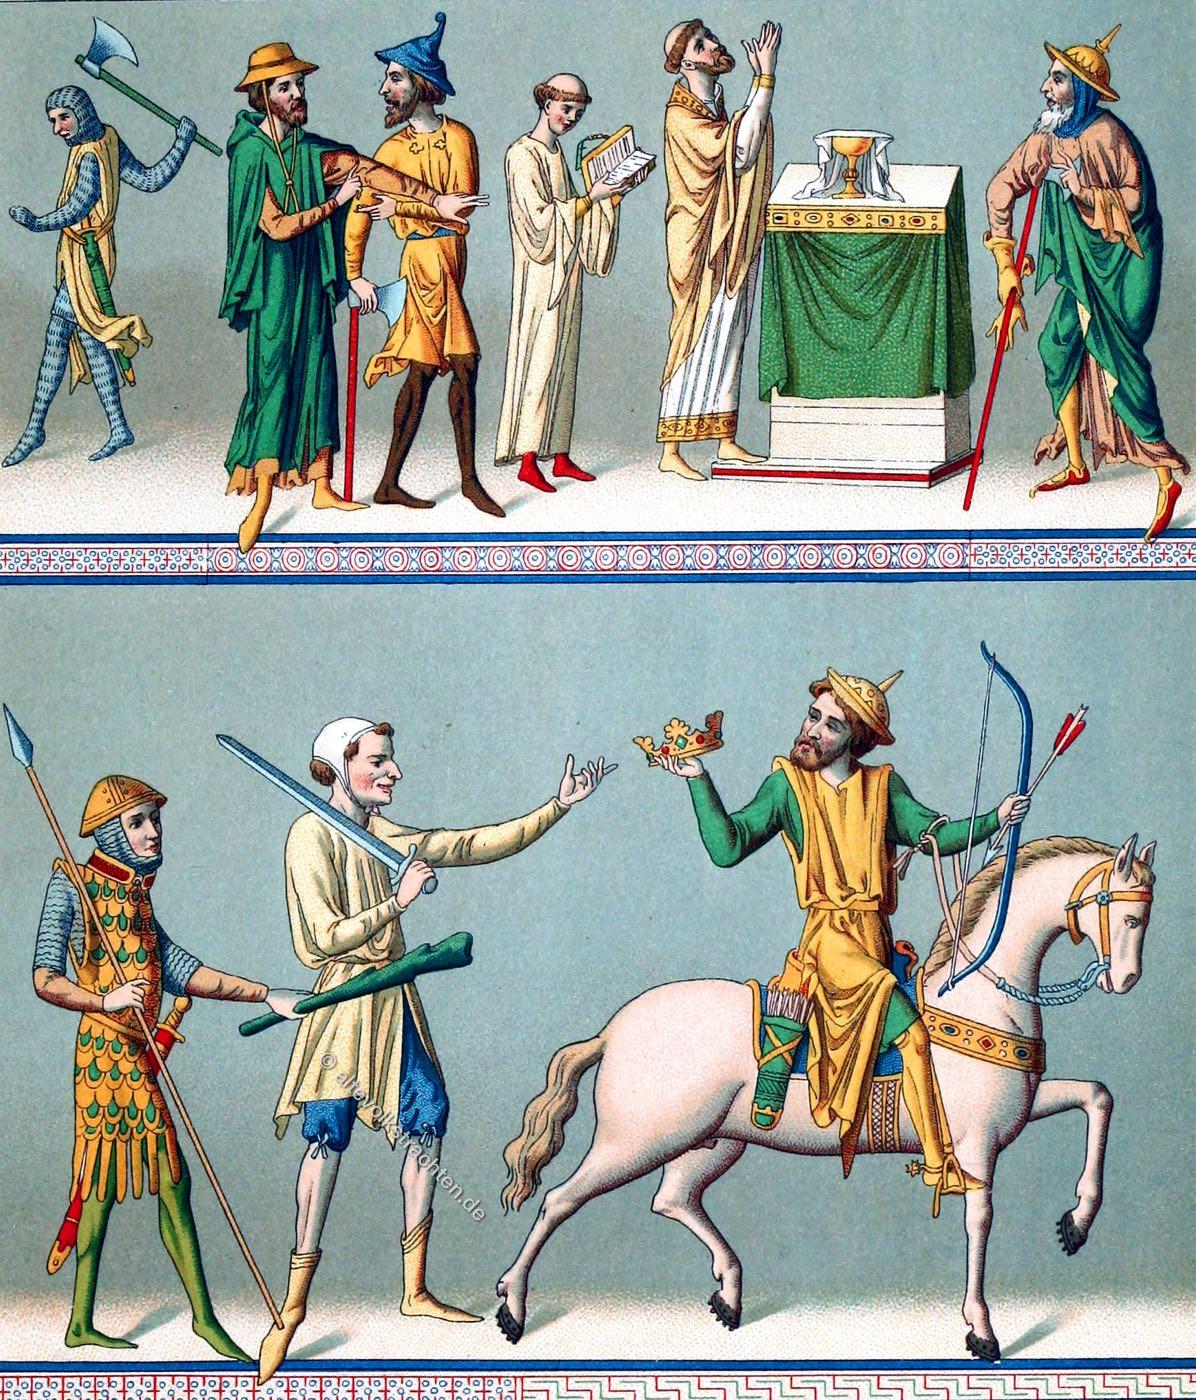 Mittelalter, Kleidung, Kostüme, Gotik, Kostümgeschichte